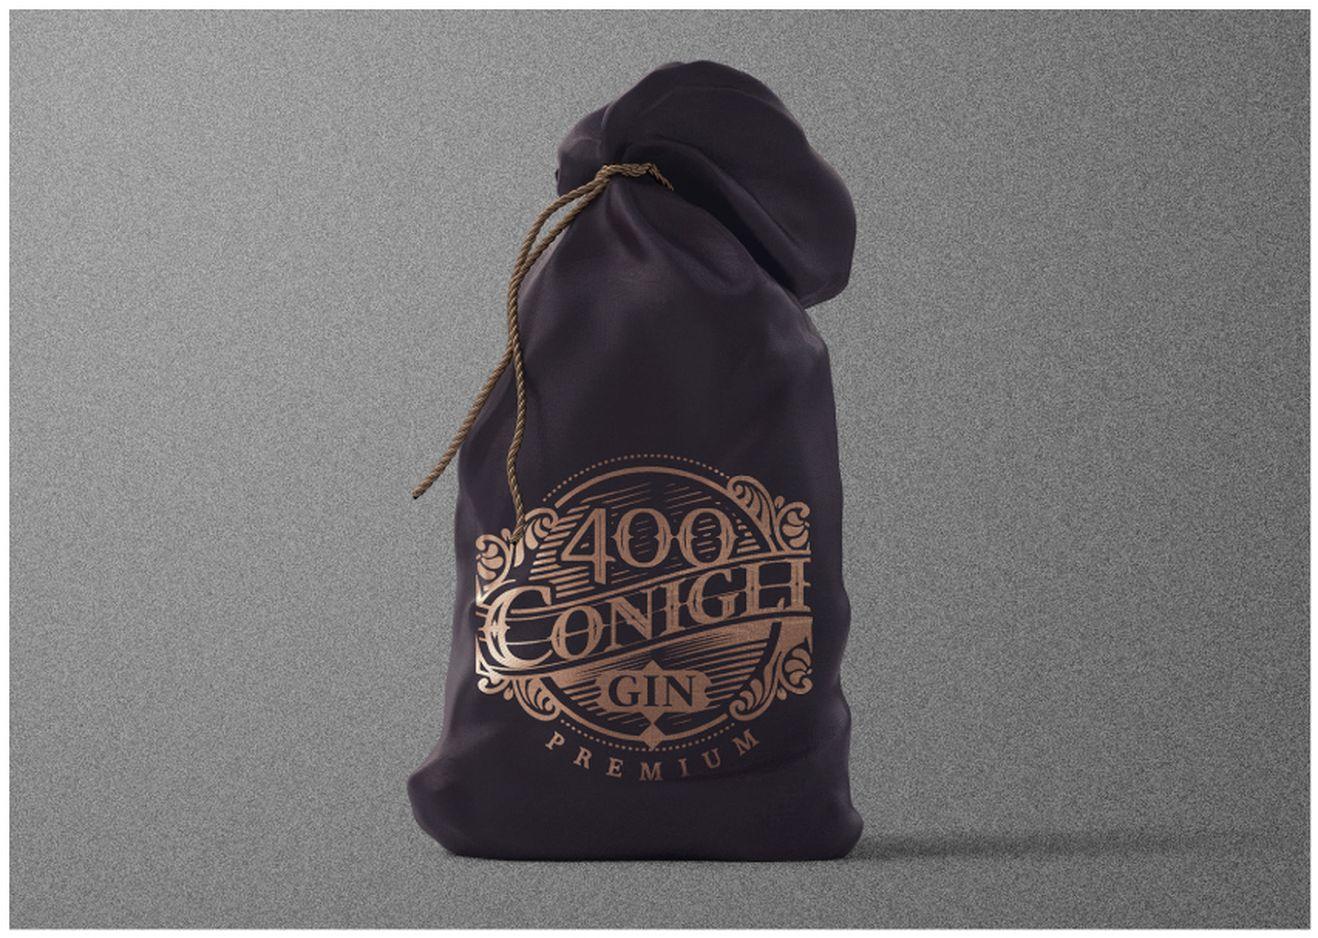 400_CONIGLI_7